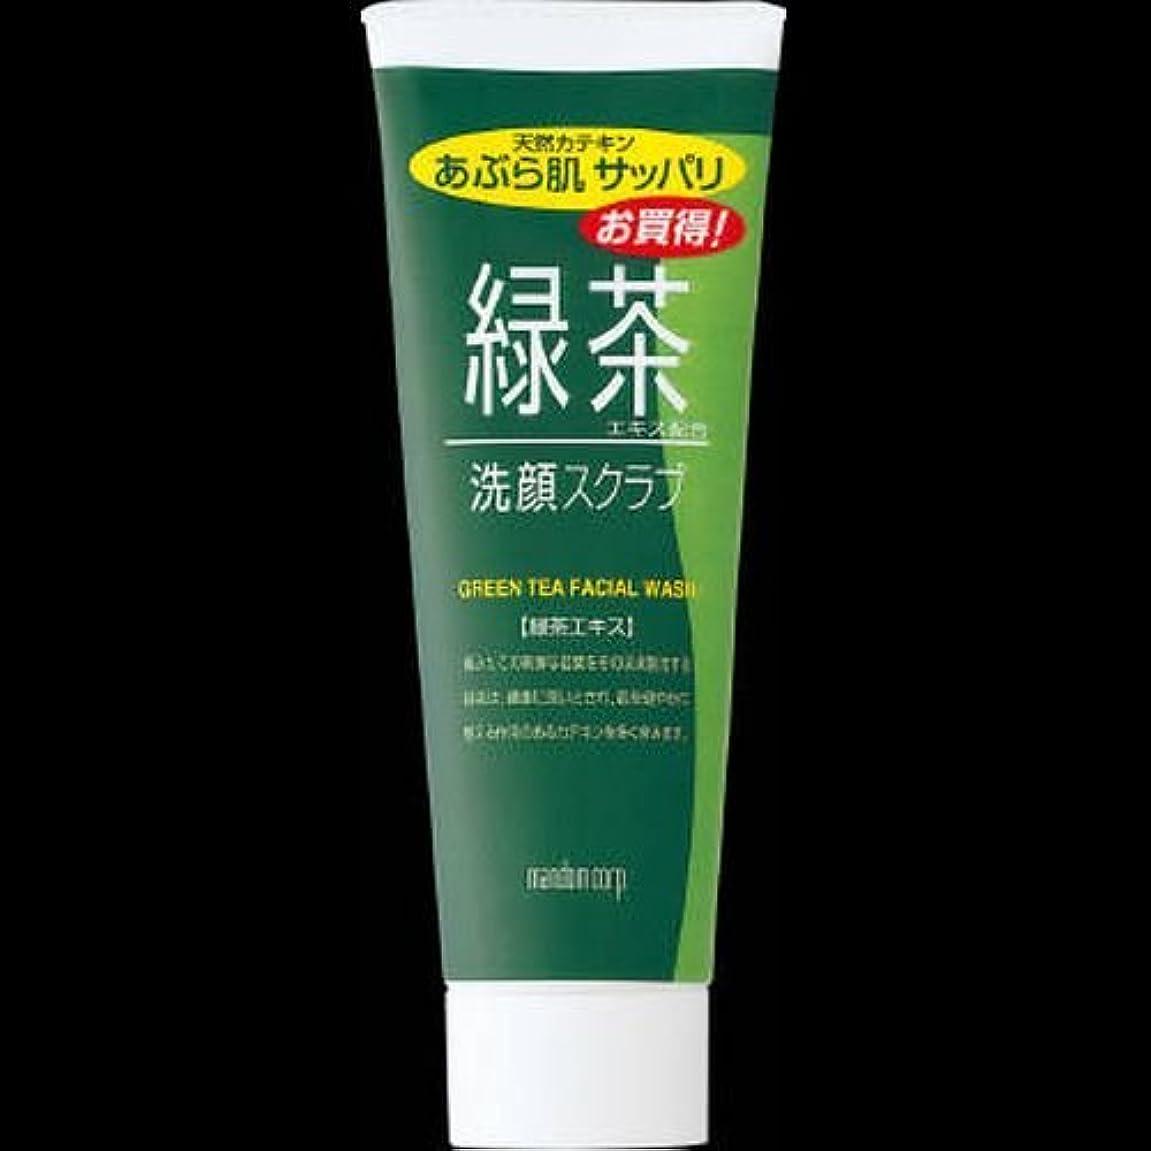 価値ディレクターエンディング【まとめ買い】マンダム 緑茶洗顔スクラブ100g ×2セット